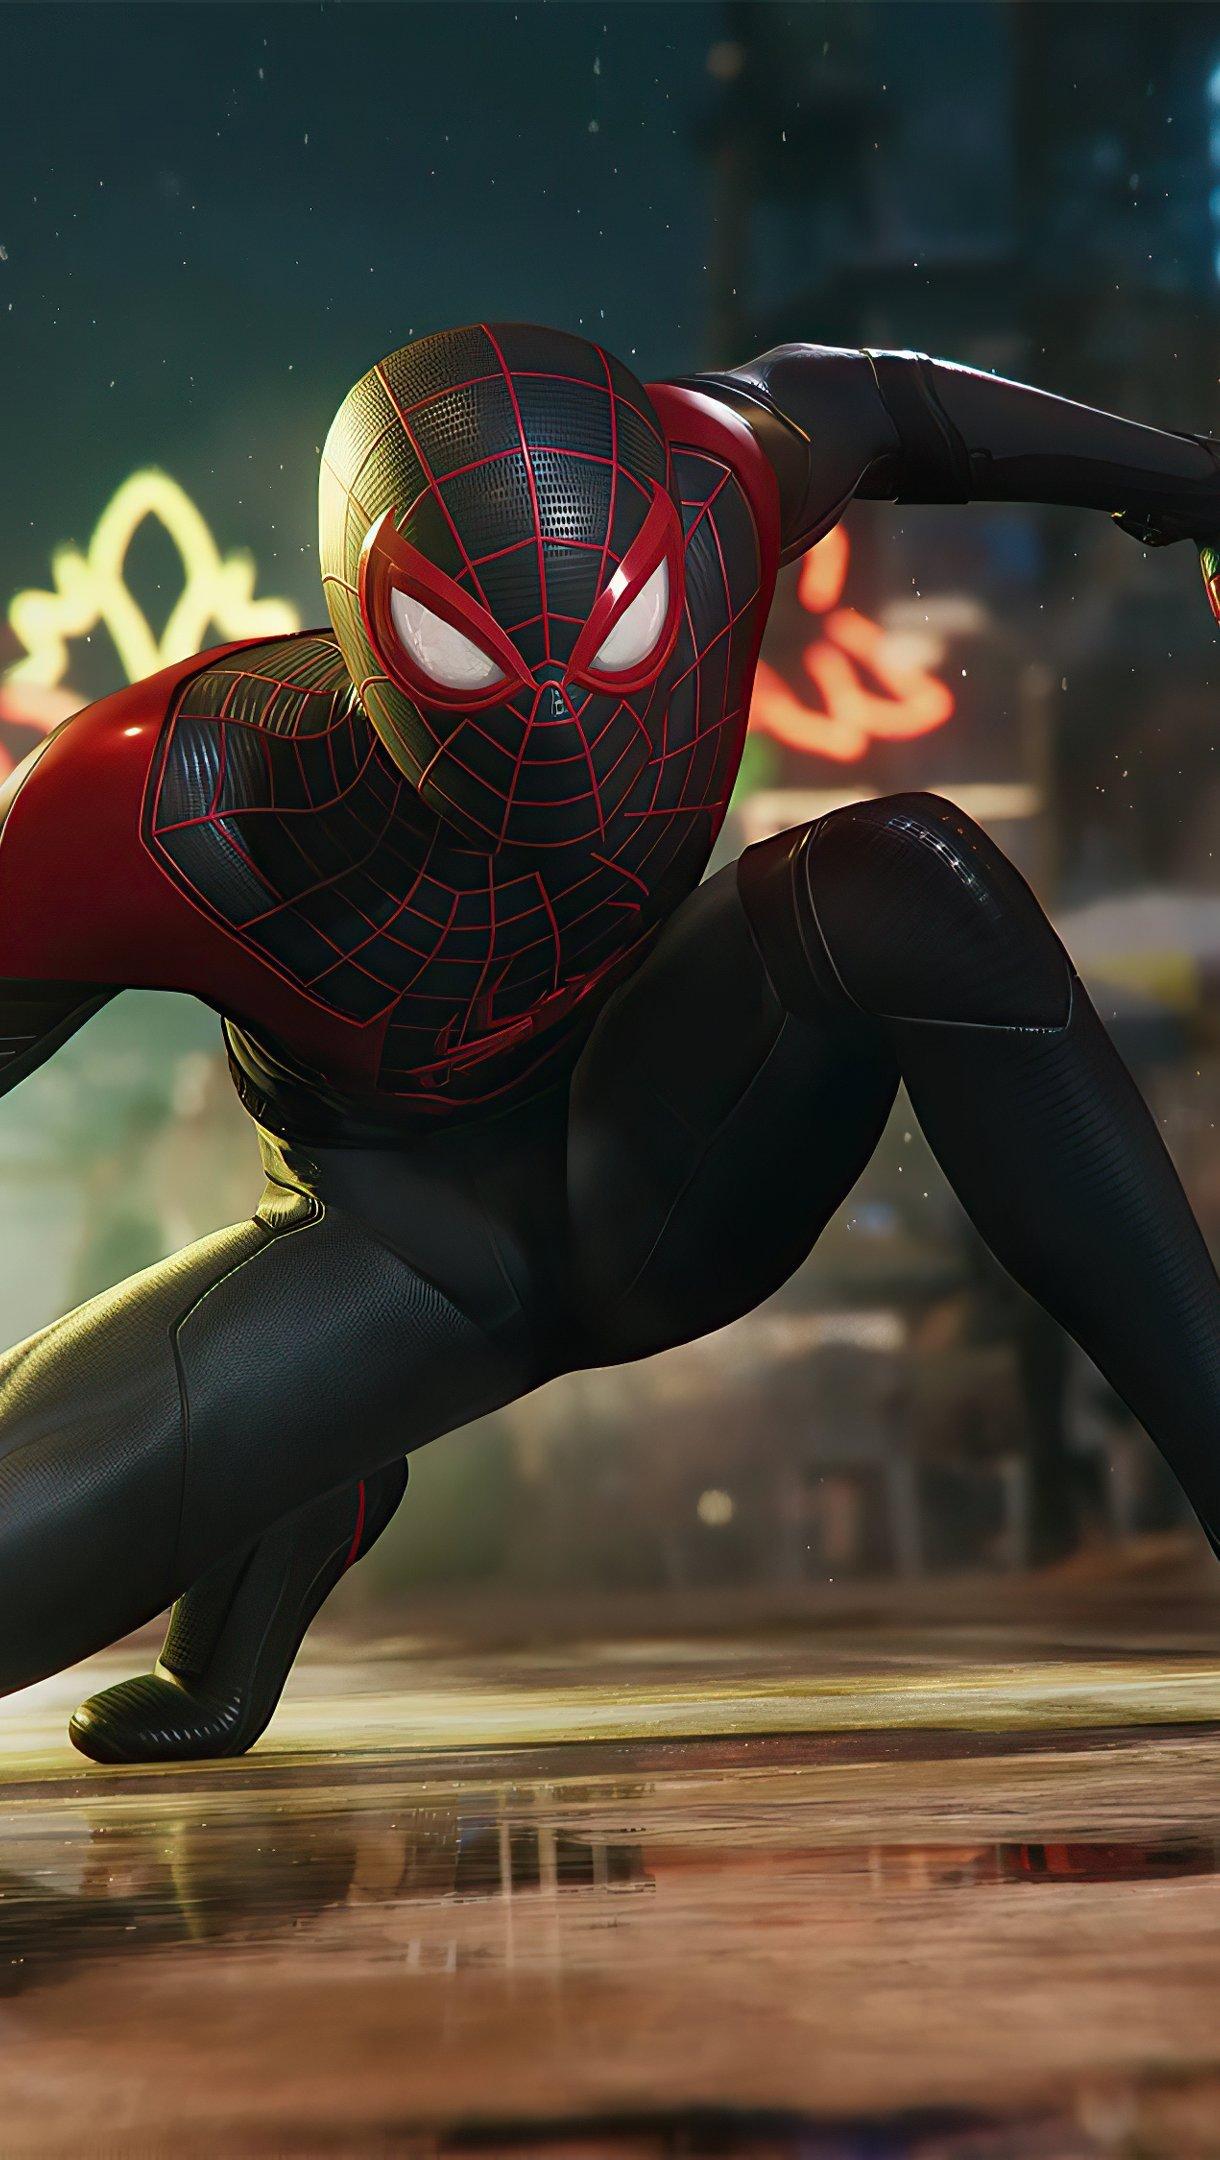 Fondos de pantalla Miles Morales como El hombre araña en ciudad Vertical